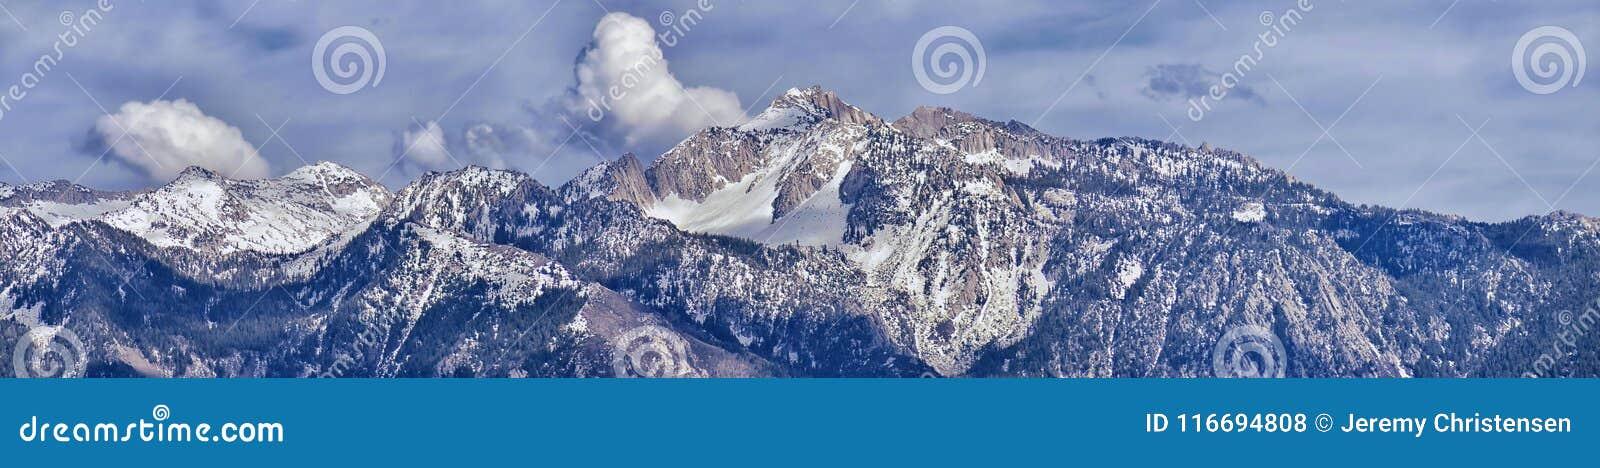 Panorama die van Wasatch Front Rocky Mountain, Eenzame Piek en Donderberg van de Vallei van Great Salt Lake in oor benadrukken